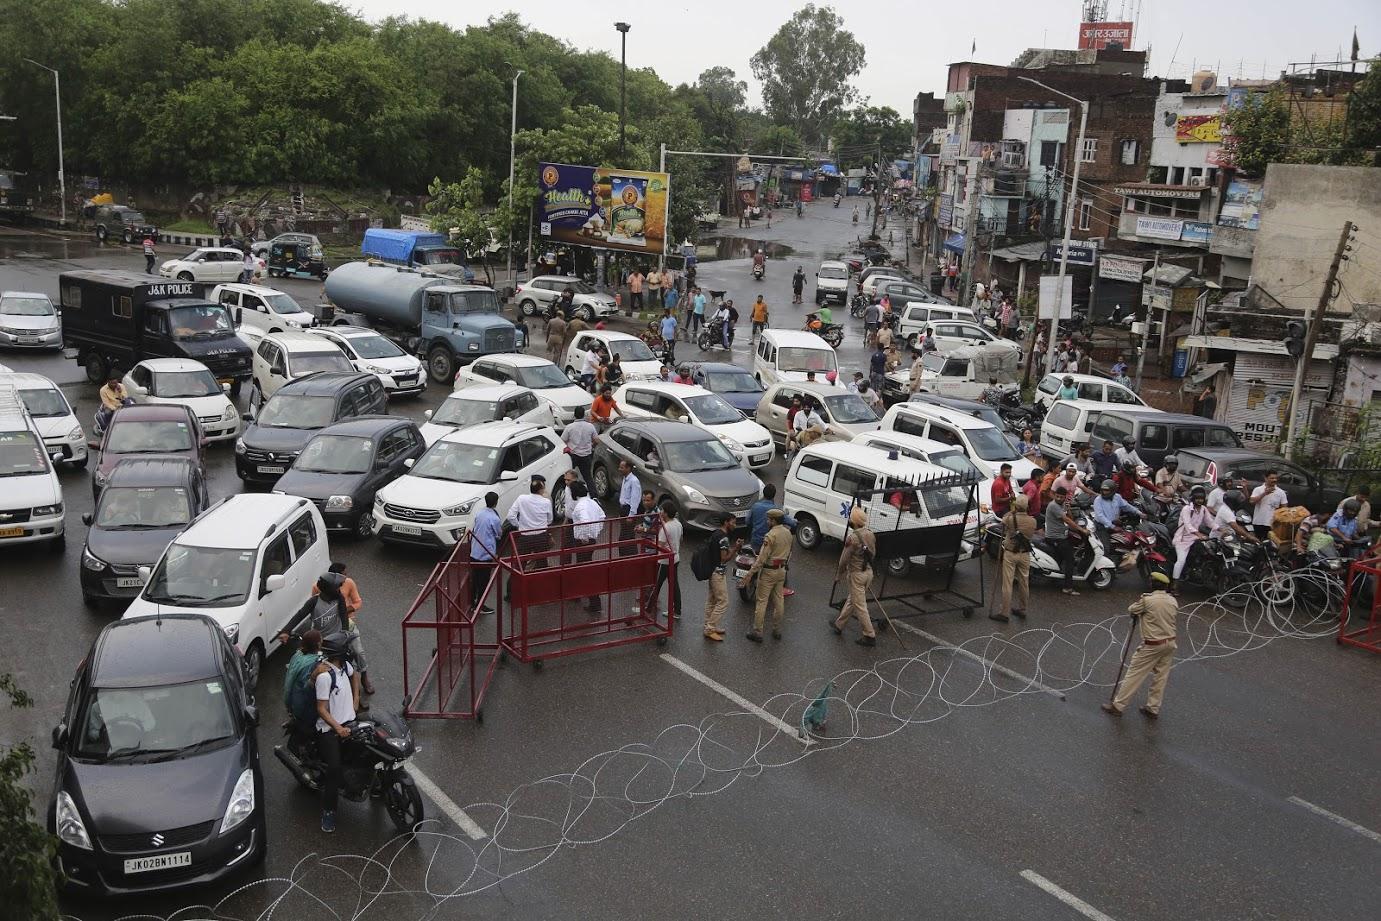 जम्मूमध्ये कर्फ्यू लावण्यात आल्याने वाहनं अडवून धरण्यात आली होती.